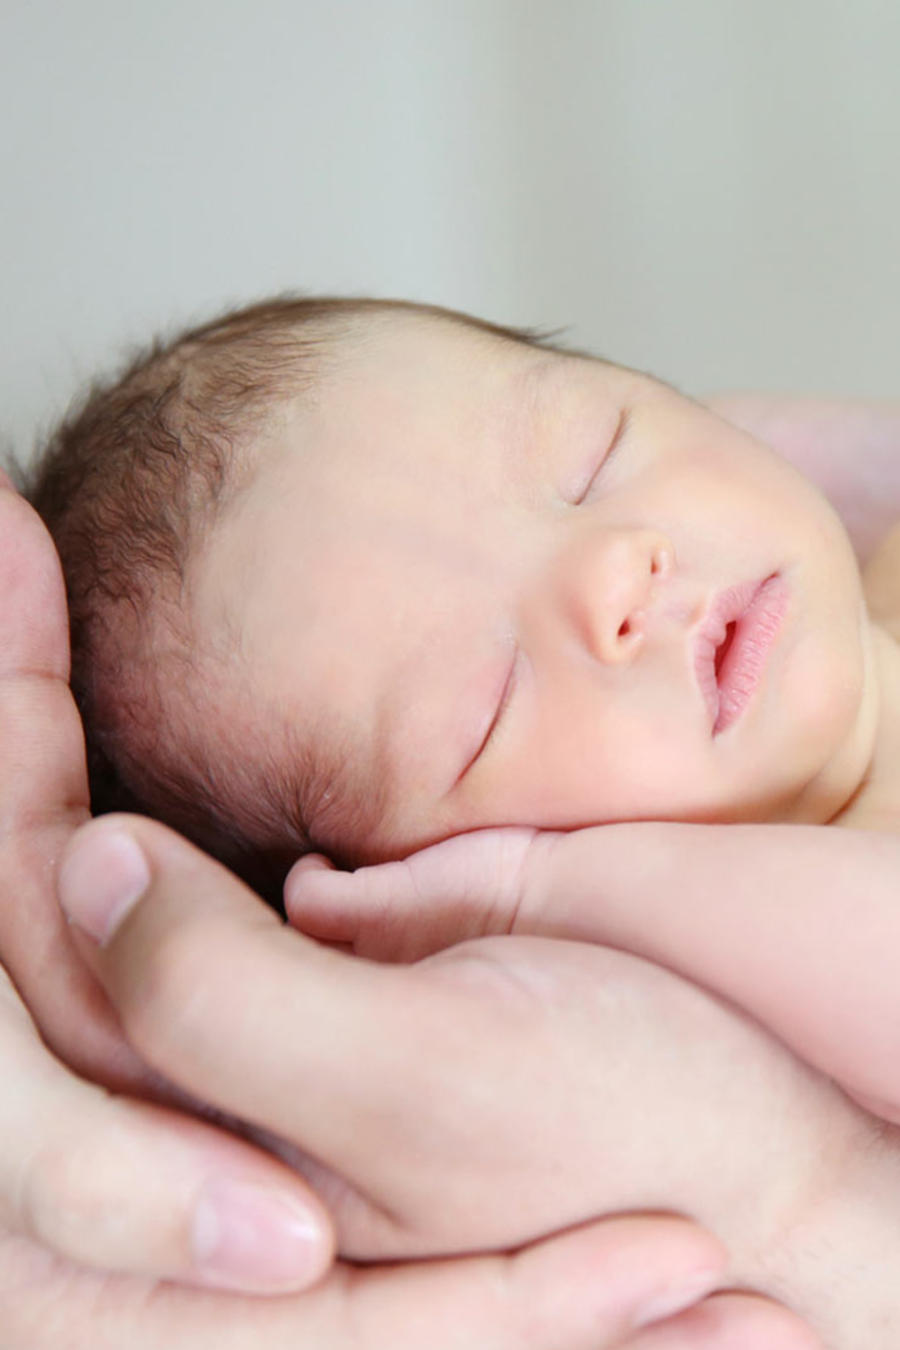 bebé recién nacido